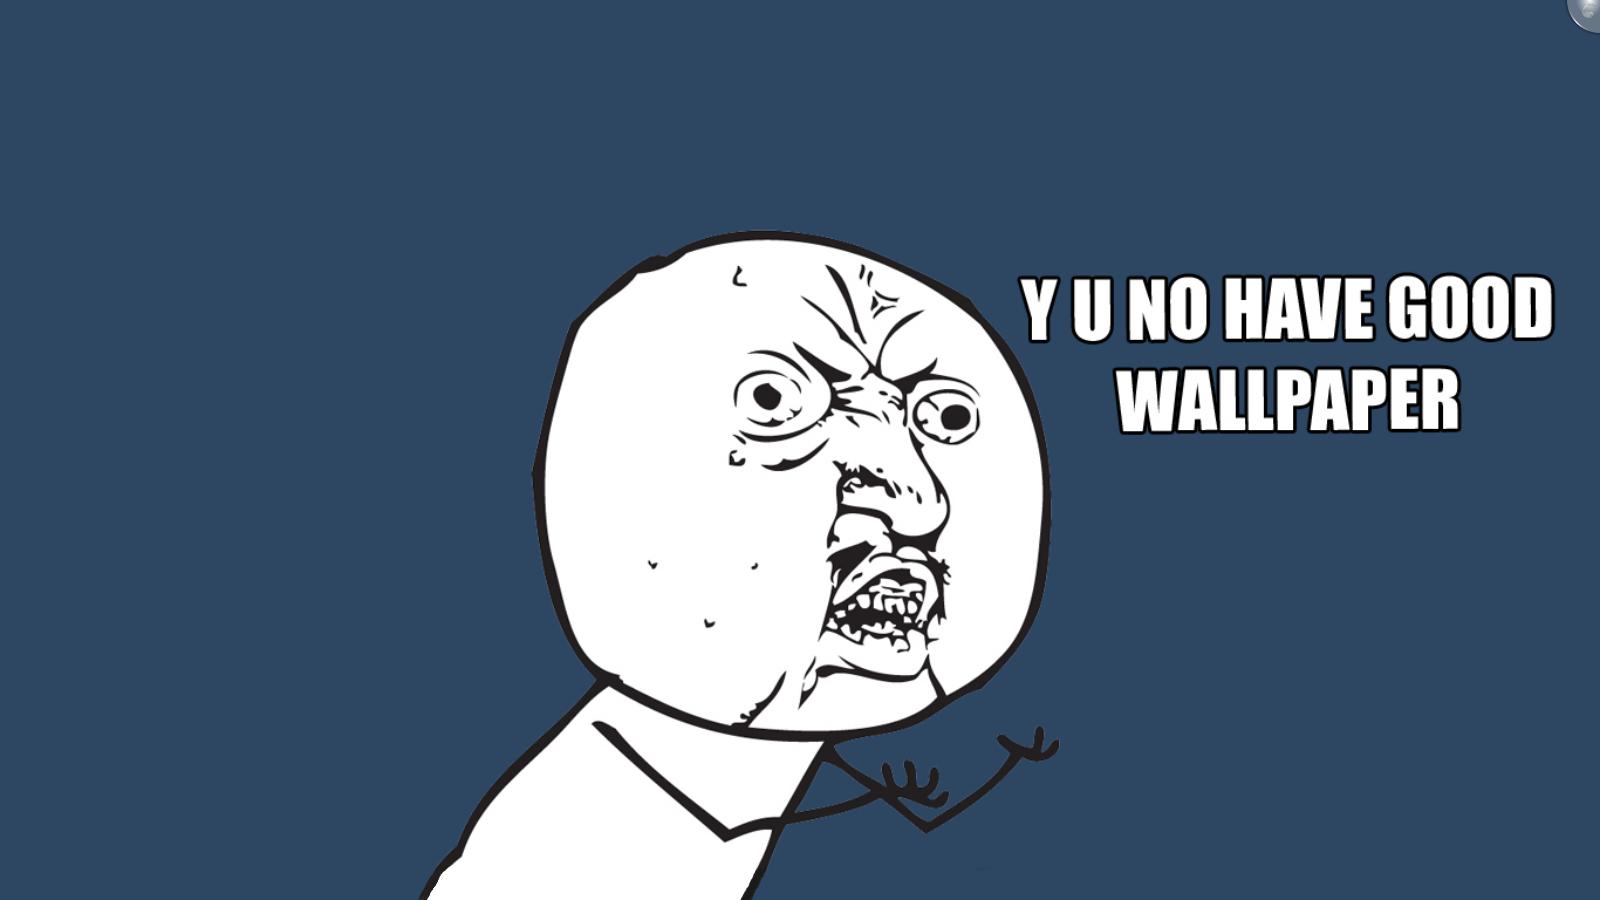 Funny Computer Backgrounds Meme : Hd meme wallpaper wallpapersafari